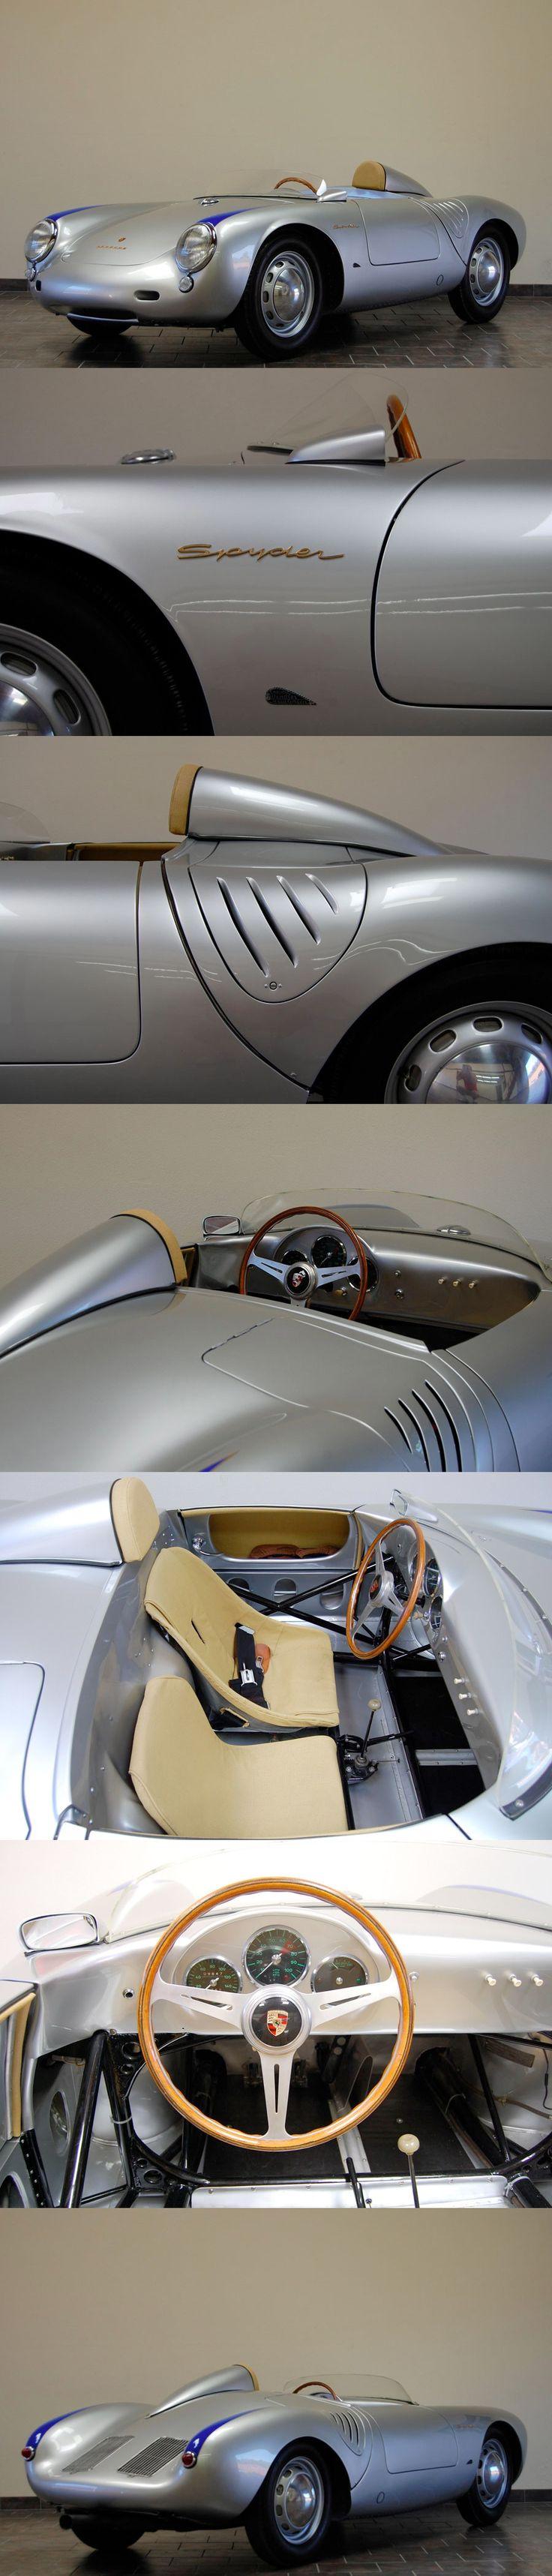 1957 Porsche RS 550A Spyder  fuuuck yes! Sleek like a bullet. Top faves